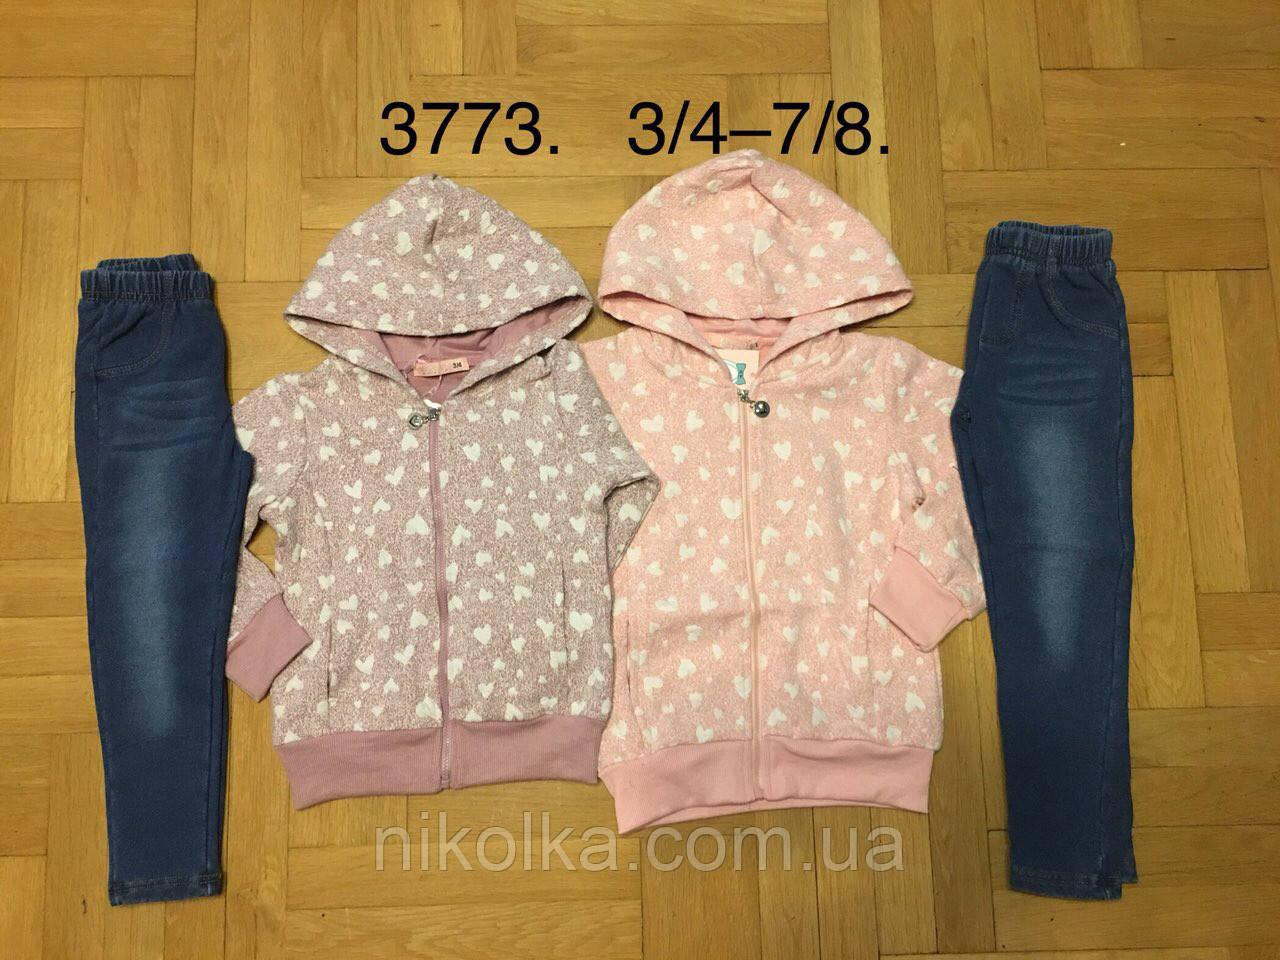 Трикотажный костюм-двойка для девочек оптом, F&D, 3/4-7/8 лет, арт. 3773